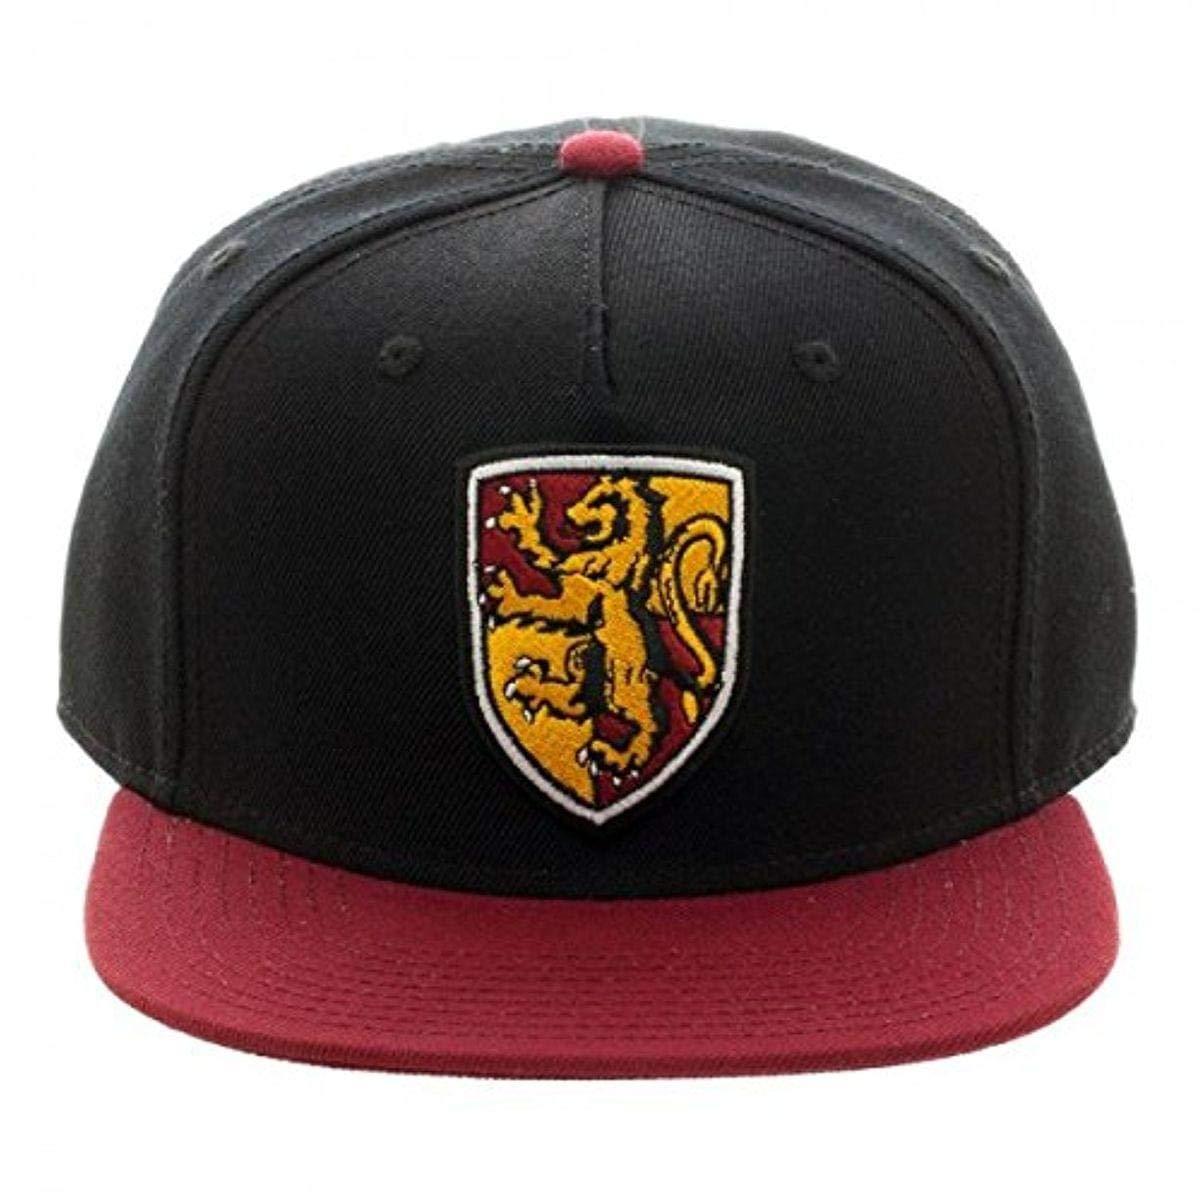 b7c7c0a47 Baseball Cap - Harry Potter Gryffindor Crest Snapback New Licensed ...